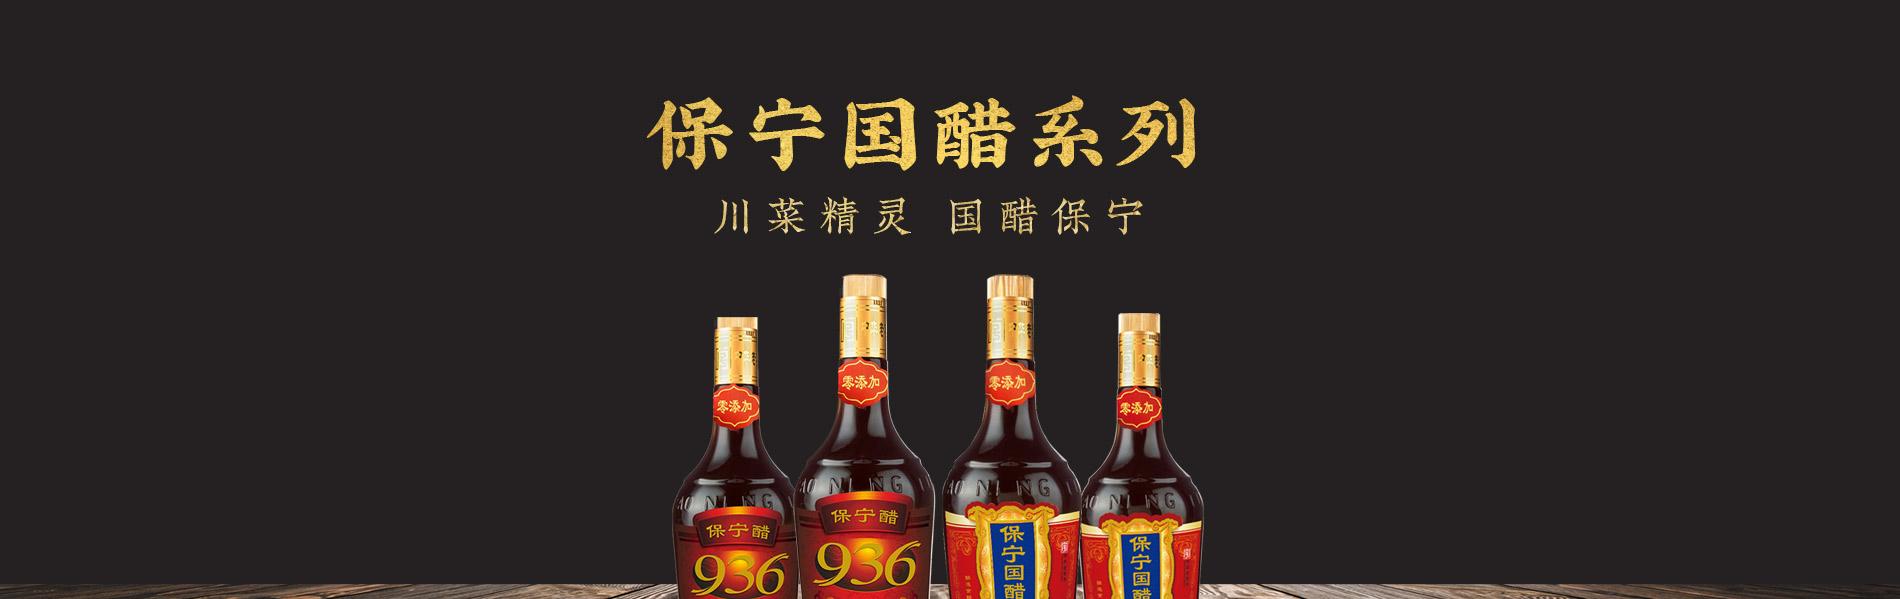 产品-国醋-恢复的_01.jpg